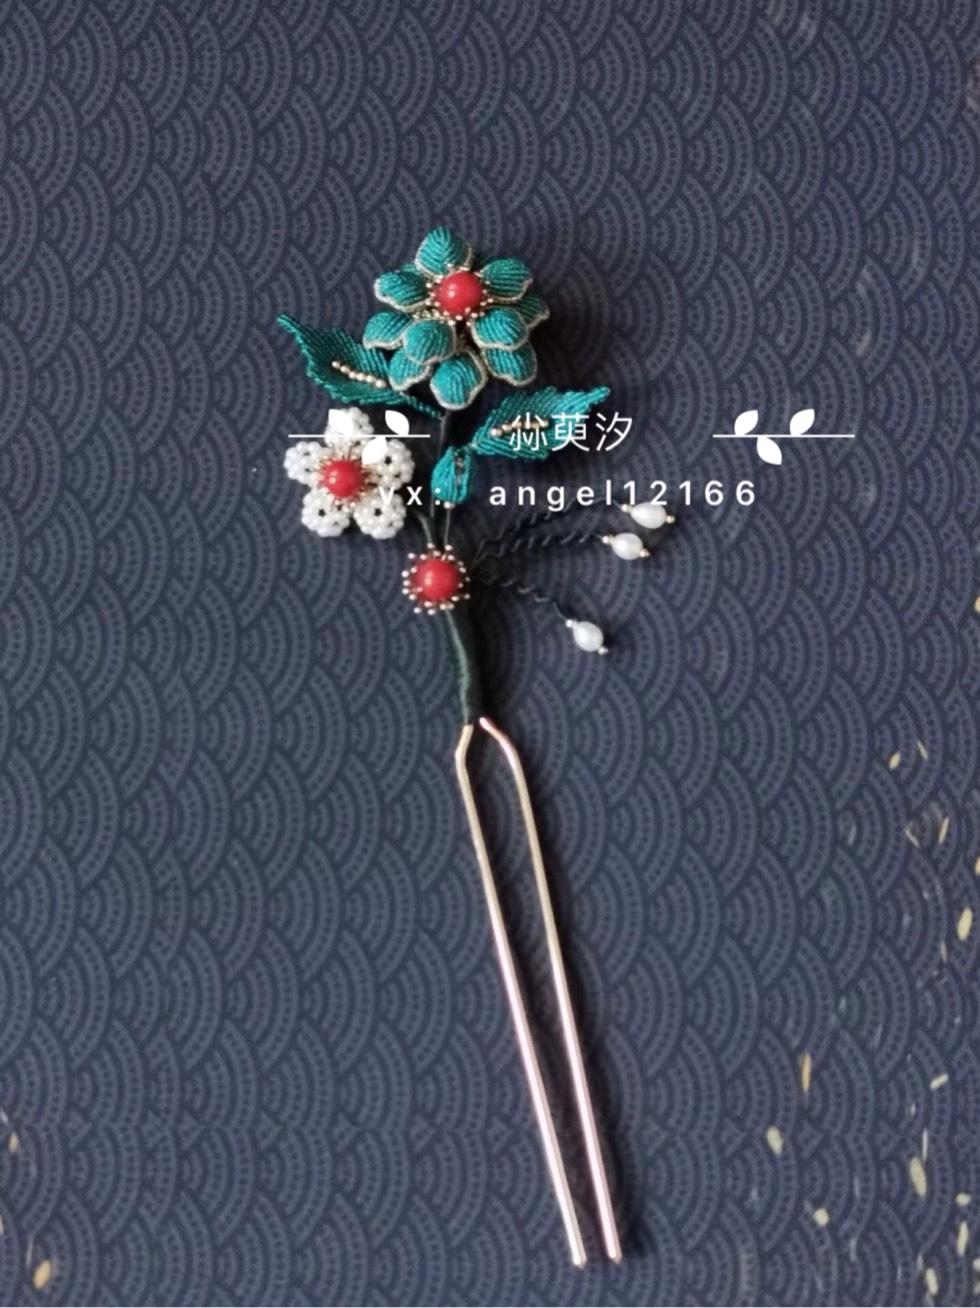 中国结论坛 仿点翠花簪系列 系列,翠花,点翠 作品展示 163814as1czjqelsftilts